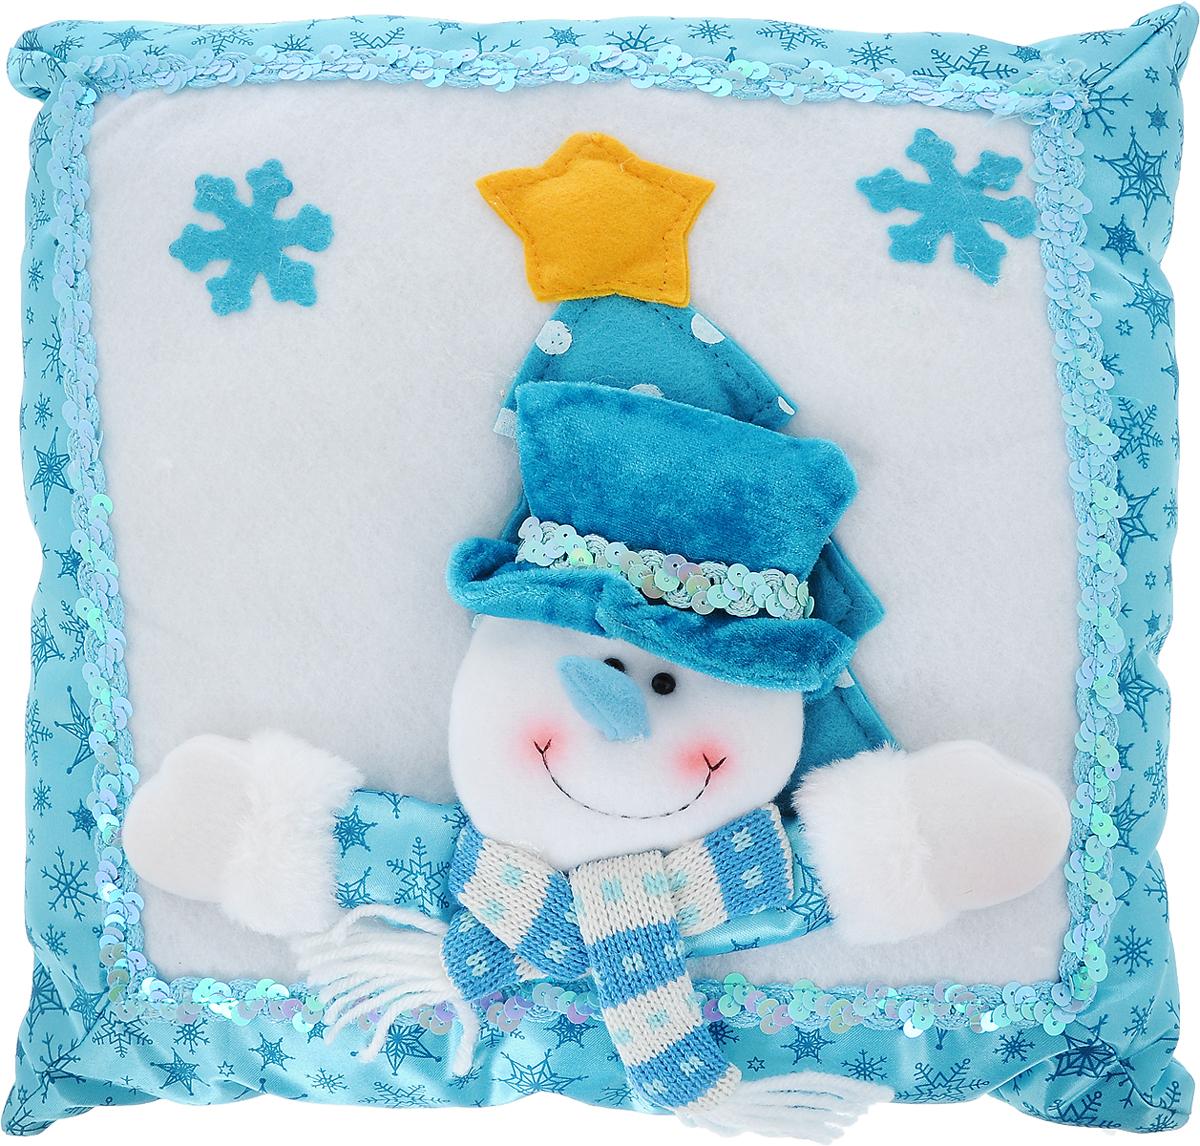 Подушка декоративная Win Max Снеговик, 30 х 30 cм175640Декоративная подушка Win Max Снеговик прекрасно подойдет для праздничного декора вашего дома в преддверии Нового года. Чехол выполнен из текстиля с комбинированной текстурой, украшен изображением снежинок, пайетками и аппликацией в виде забавного снеговика. Синтепоновый наполнитель делает подушку мягкой и уютной. Красивая подушка создаст в доме уют и станет прекрасным элементом декора.